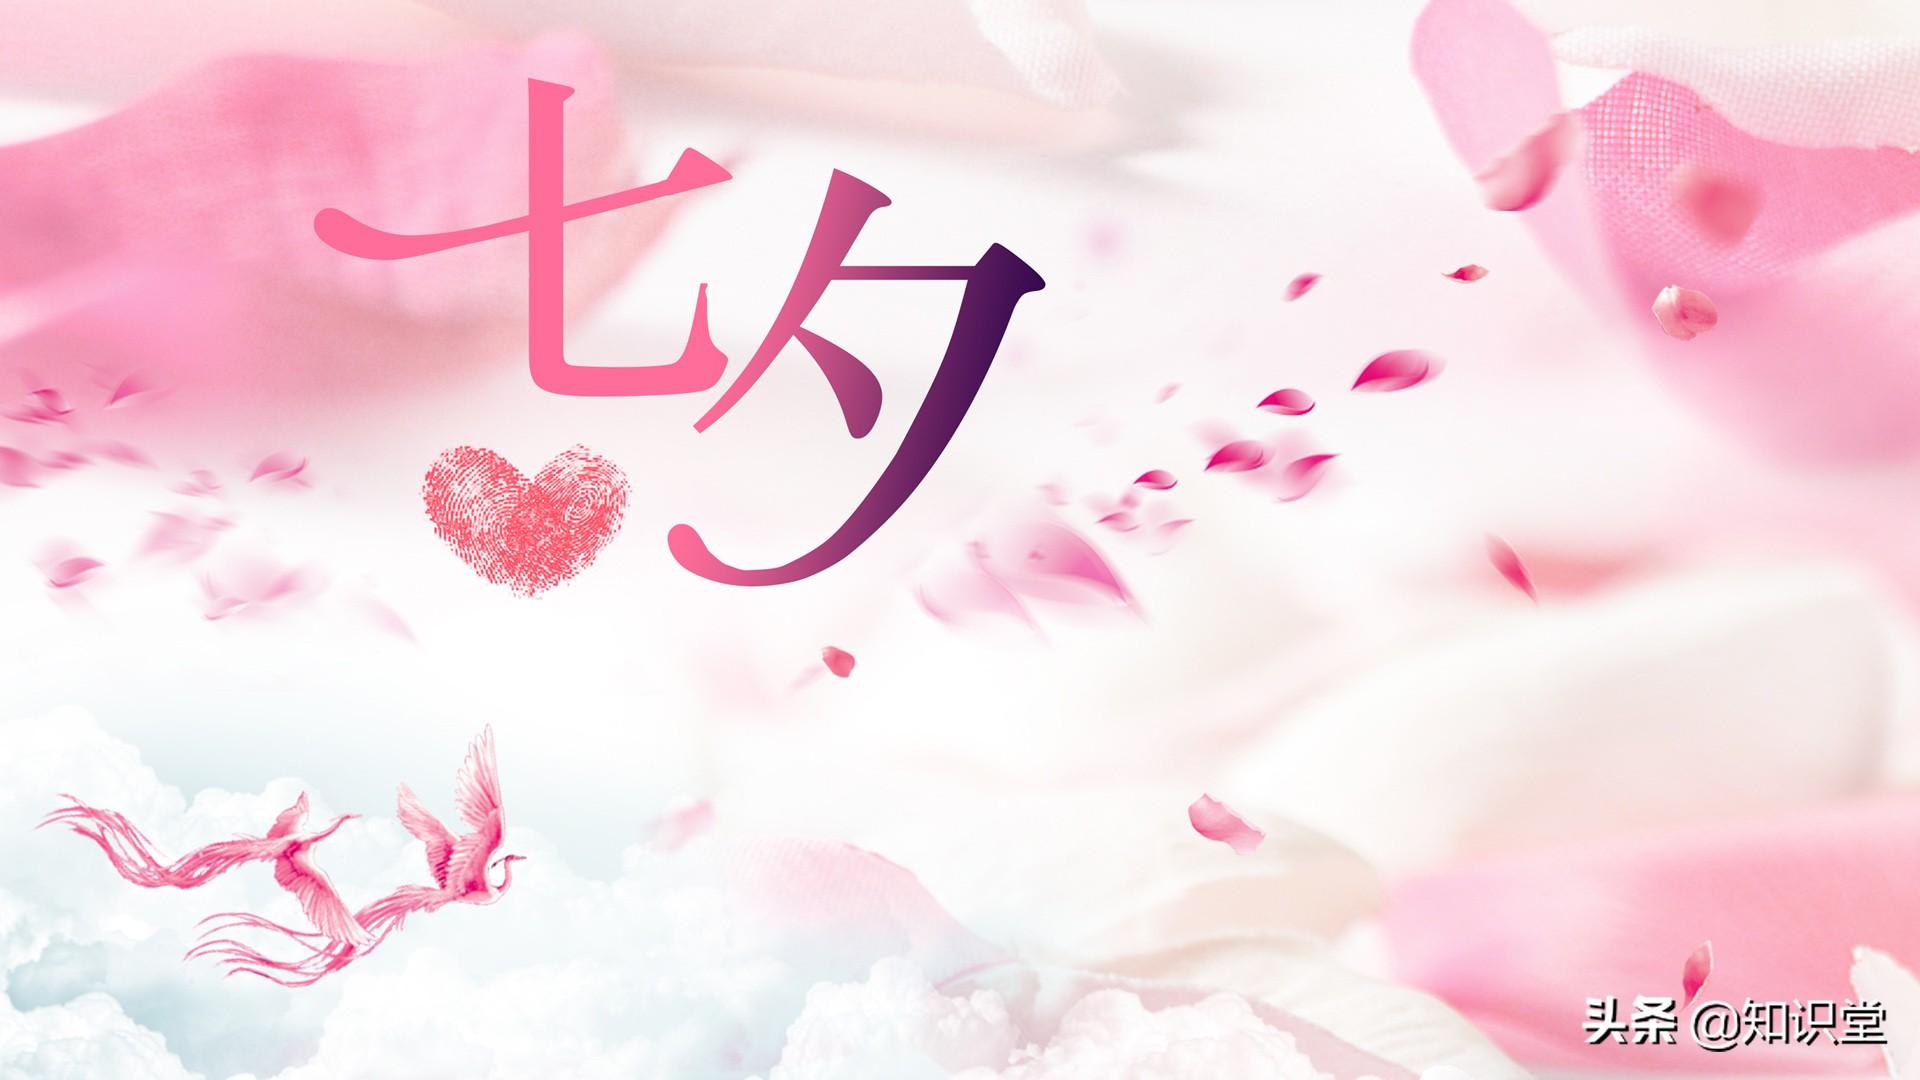 七夕发朋友圈的温馨祝福语,2021年最新七夕情人节微信